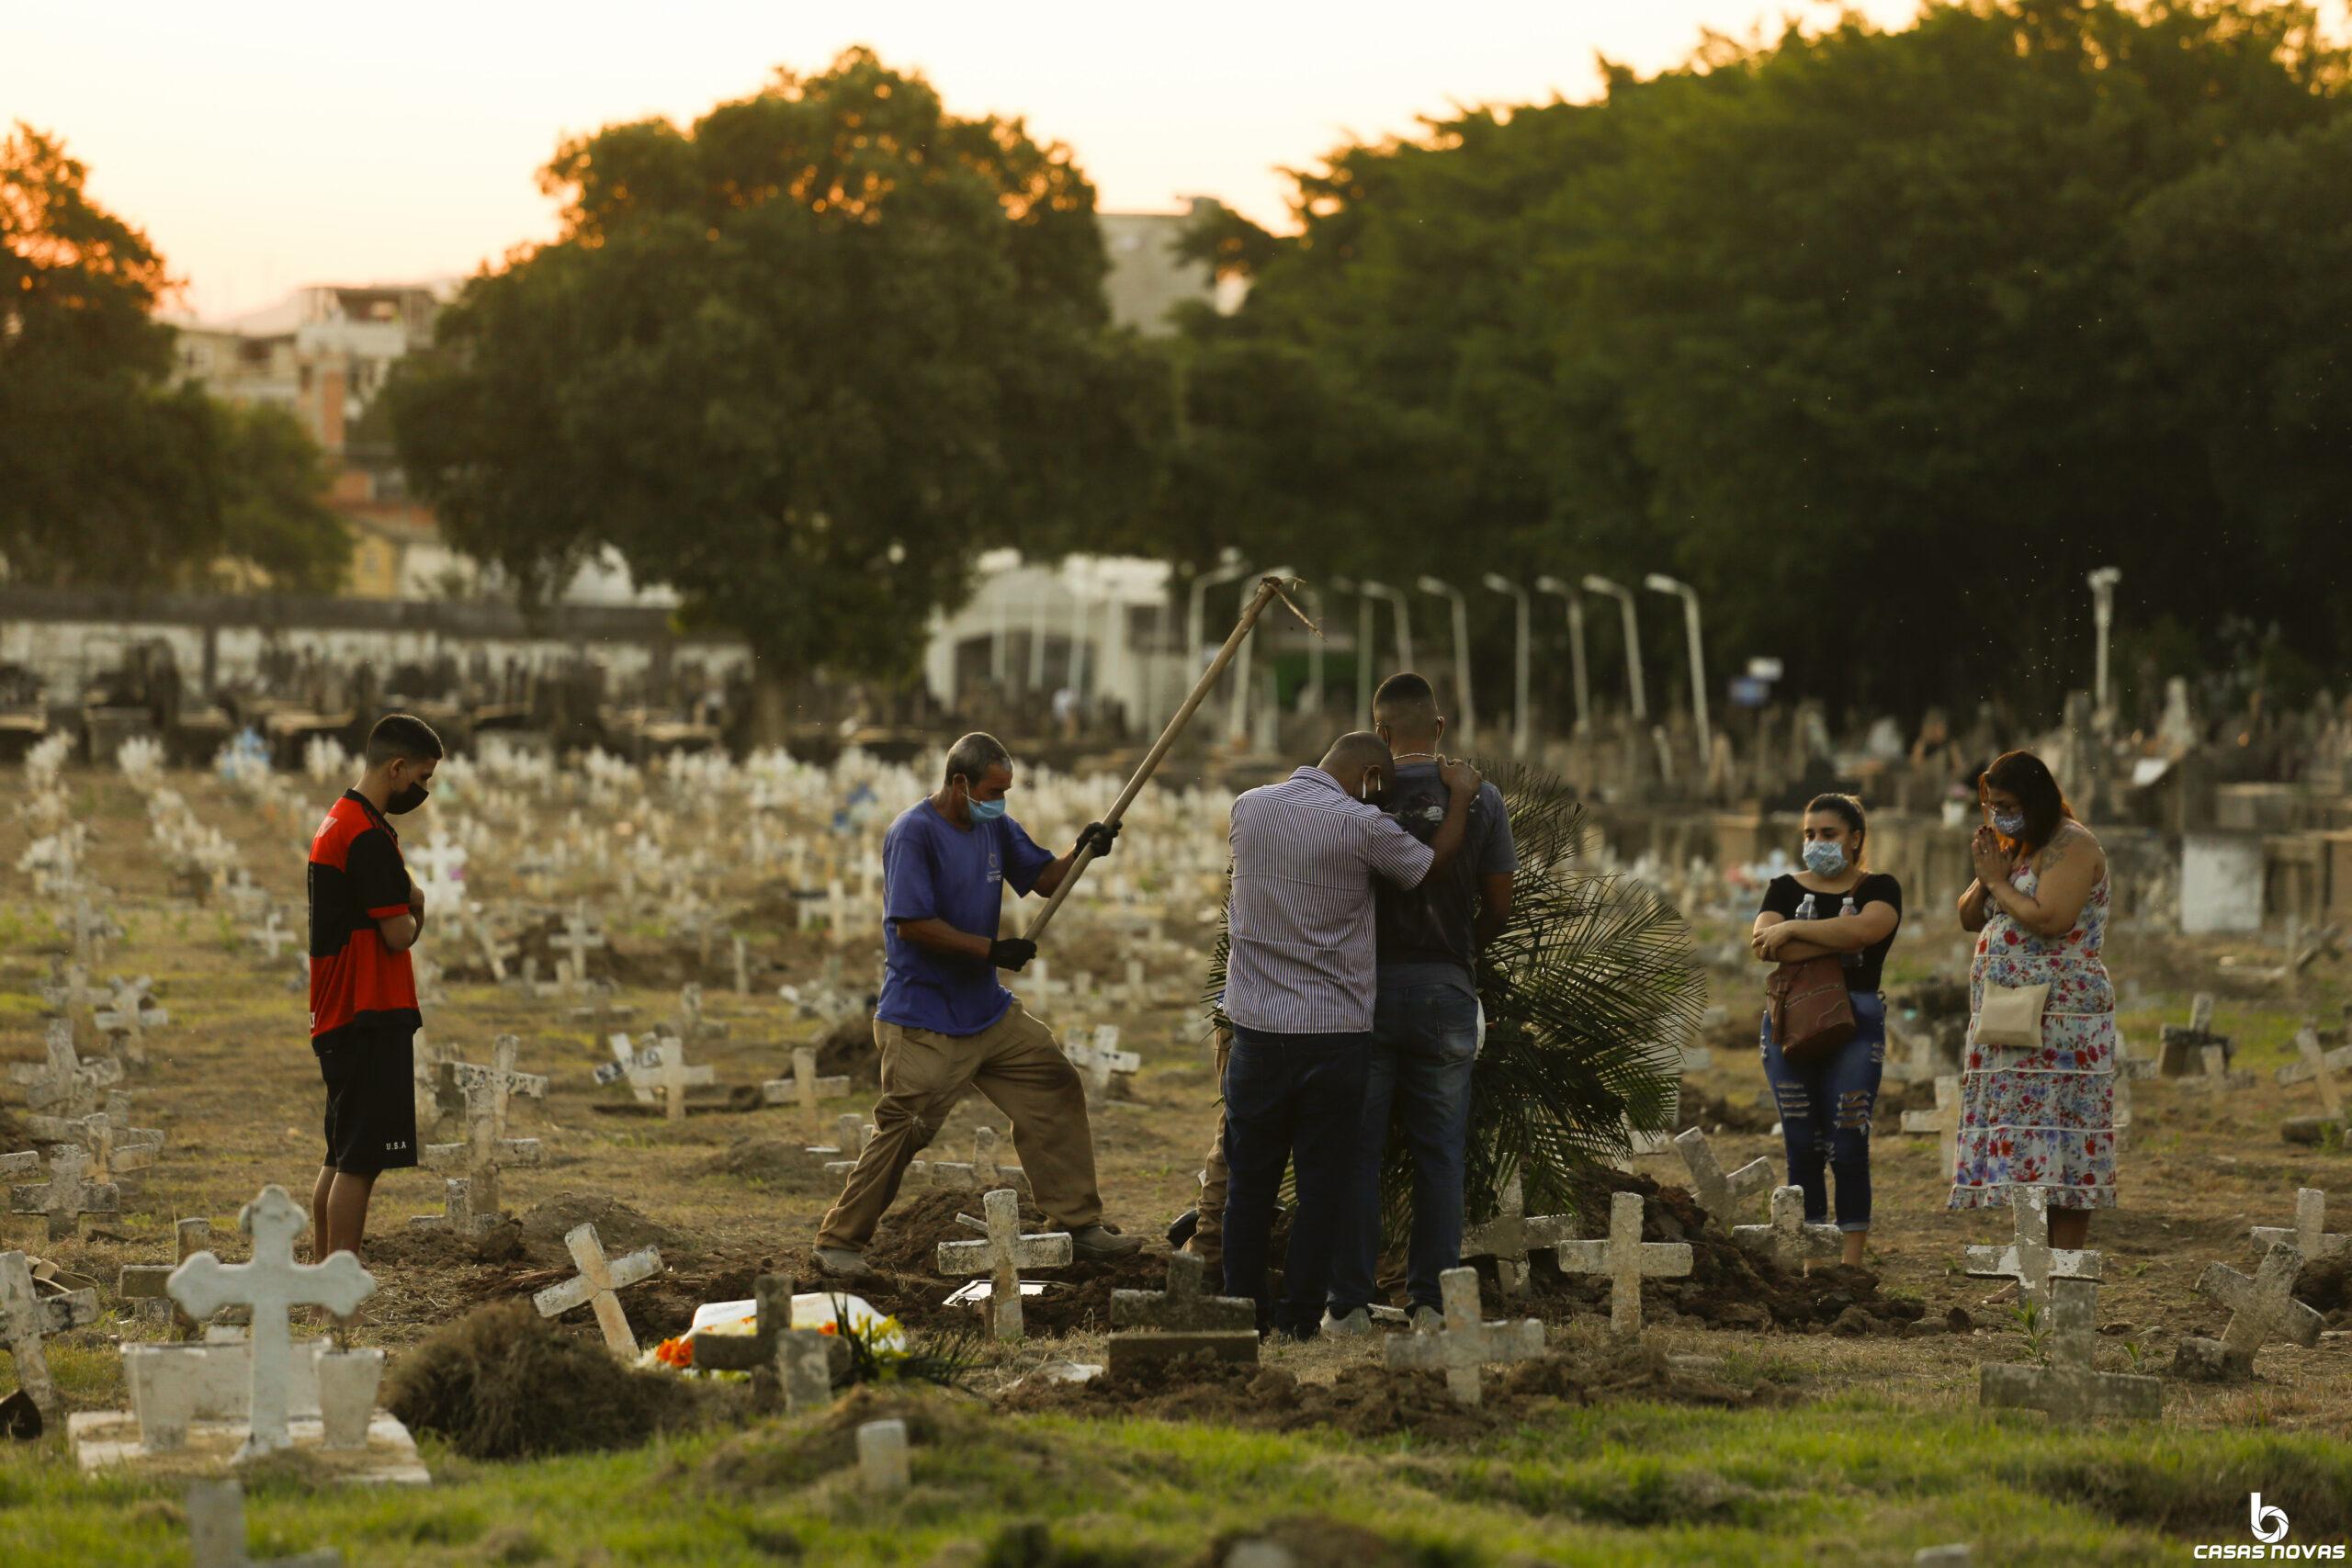 Nas favelas, mortes confirmadas por coronavírus passam de 100